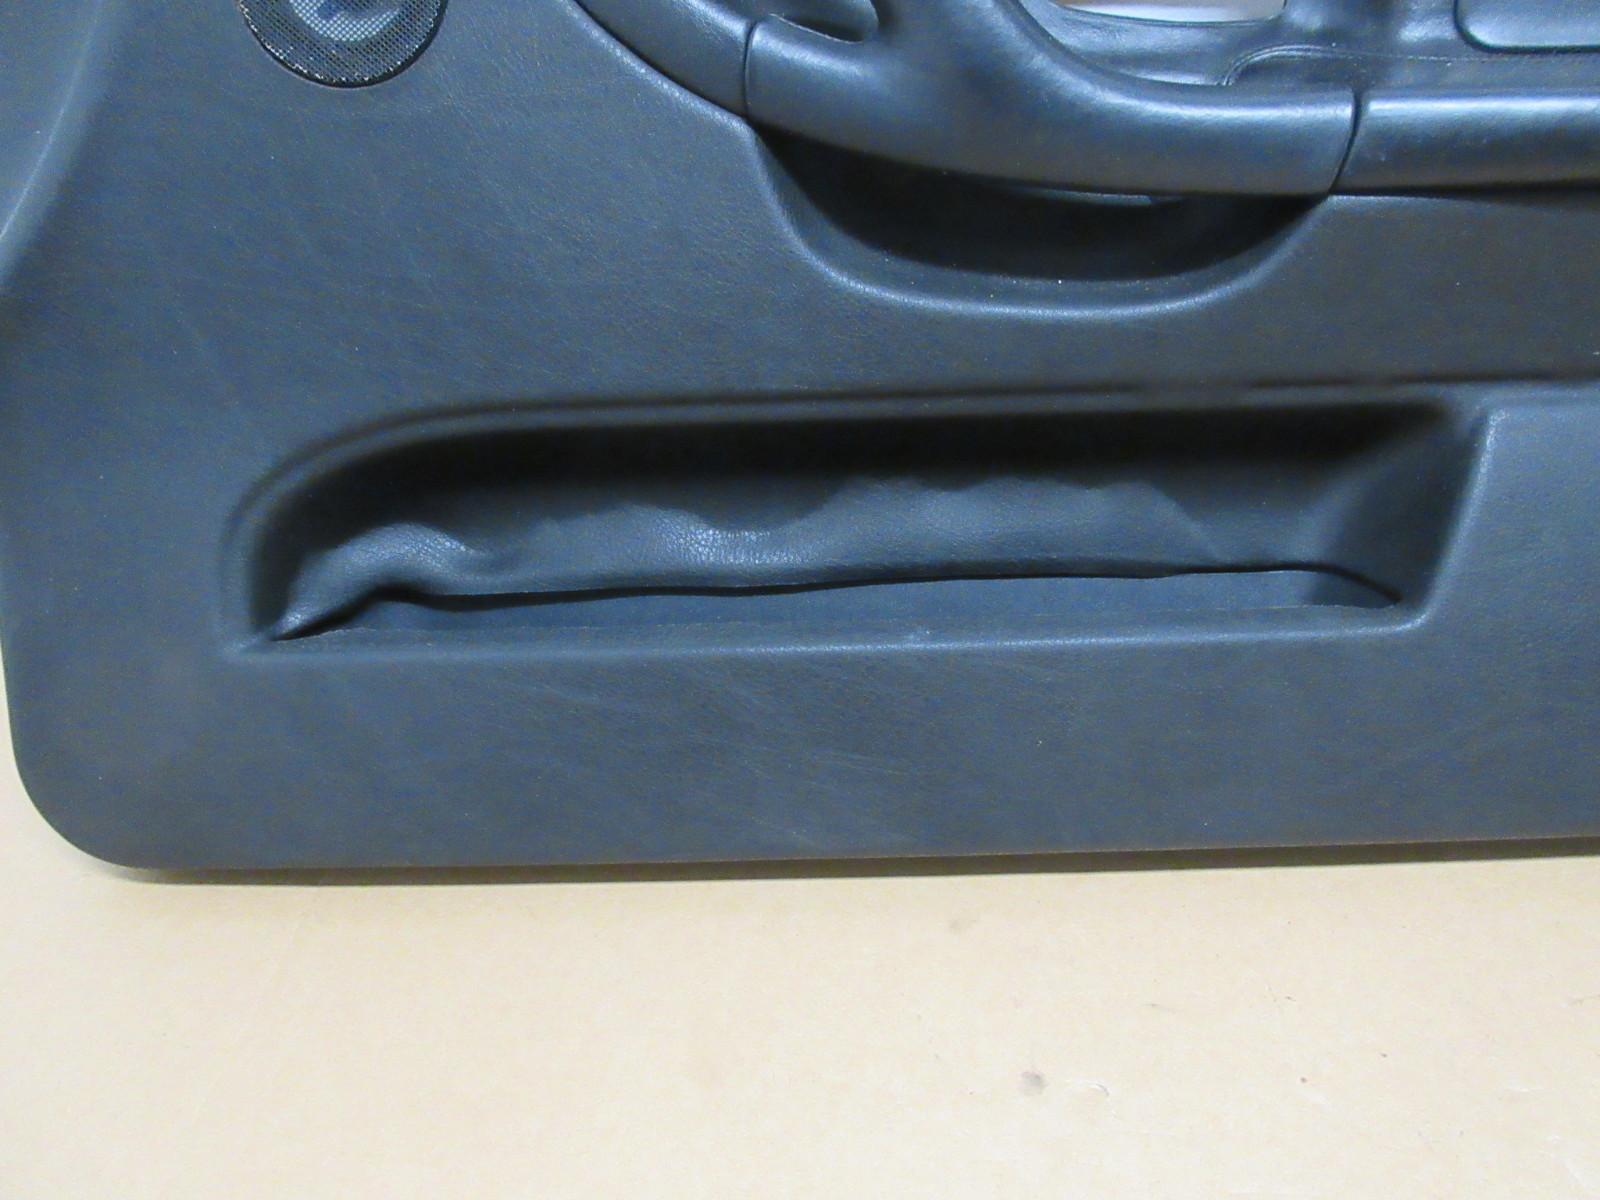 ... 1999 BMW M3 E36 Convertible #1021 Right Passenger Side Door Panel Black ... & 1999 BMW M3 E36 Convertible #1021 Right Passenger Side Door Panel ...